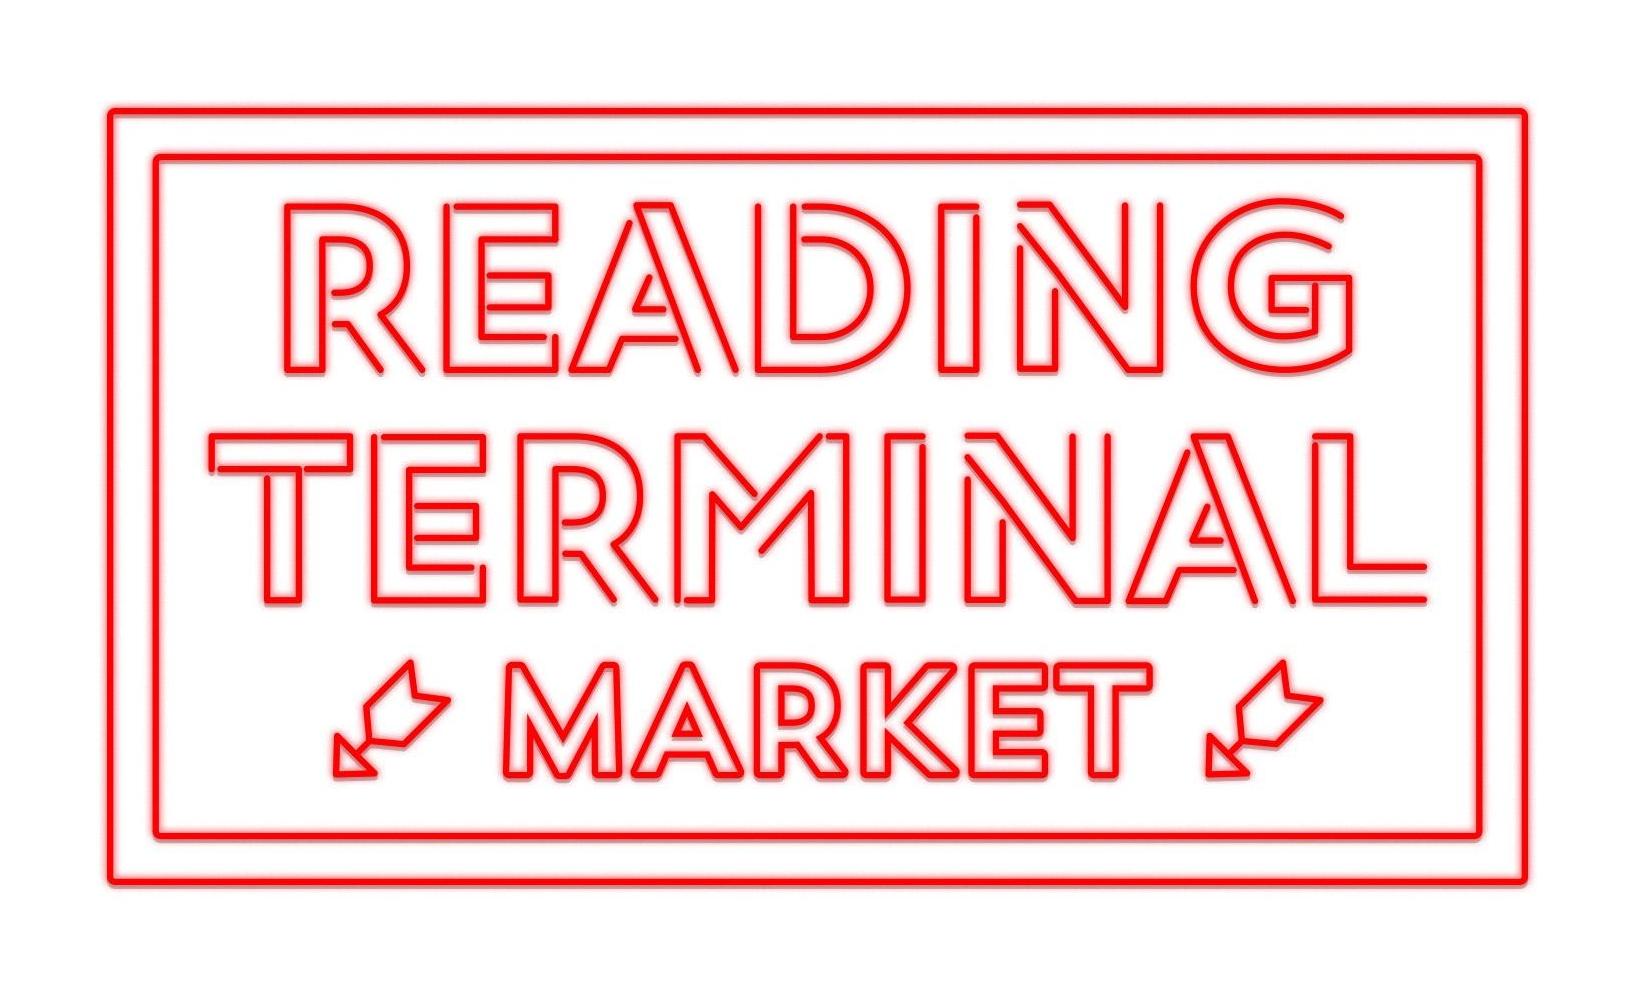 READING TERMINAL MARKET  Branding